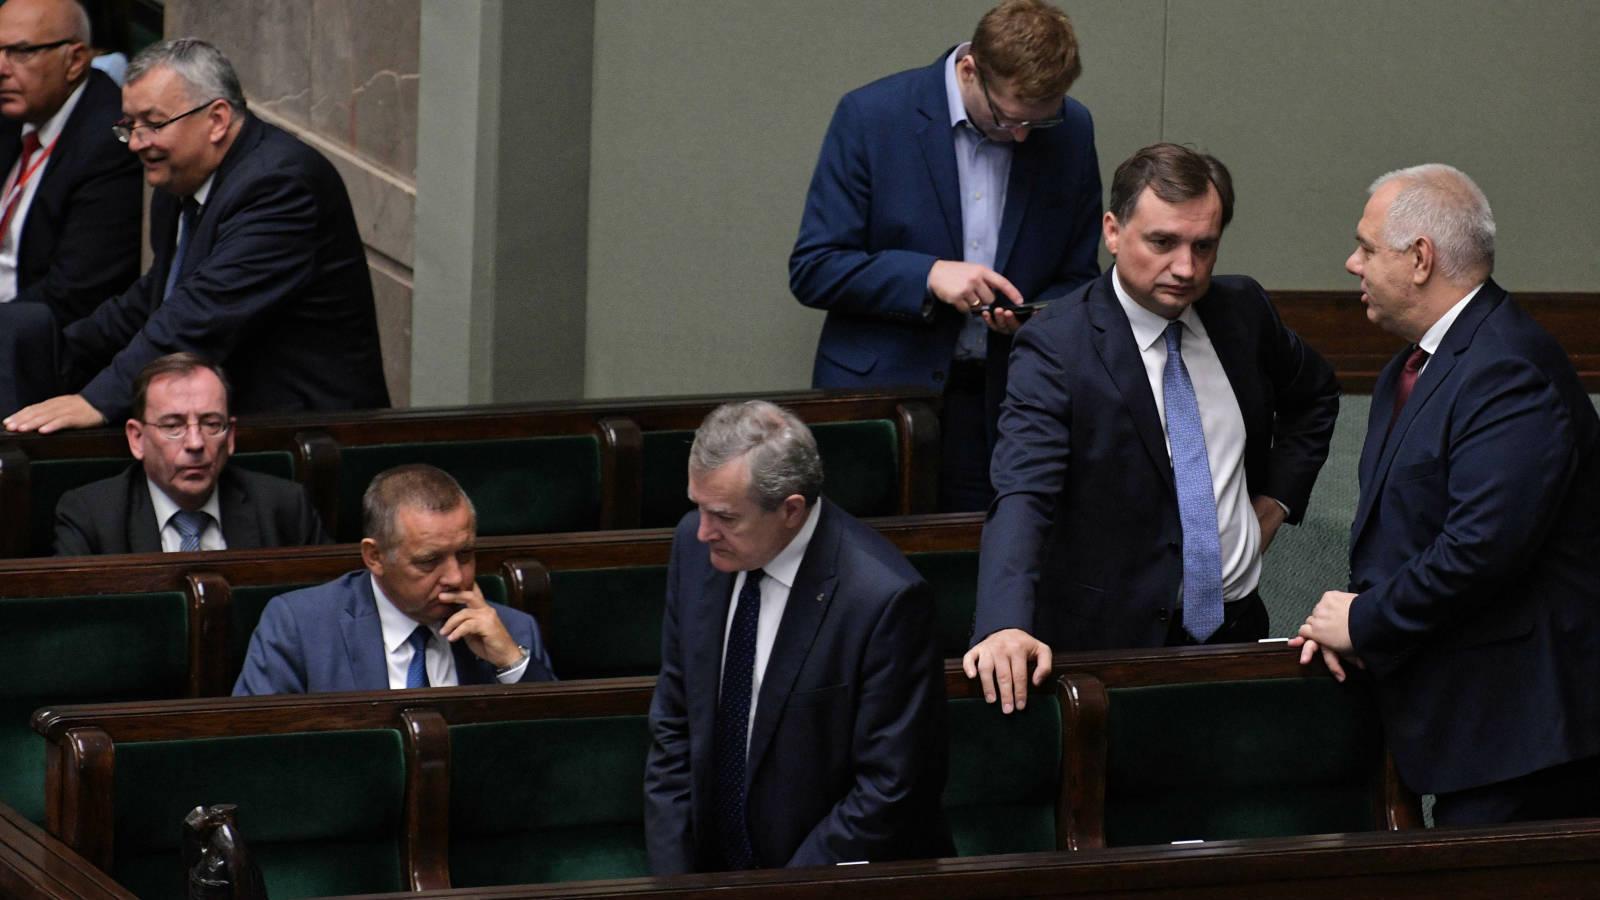 30.08.2019   Zbigniew Ziobro nie odpowiada na pytania o aferę. Jest wniosek o jego odwołanie